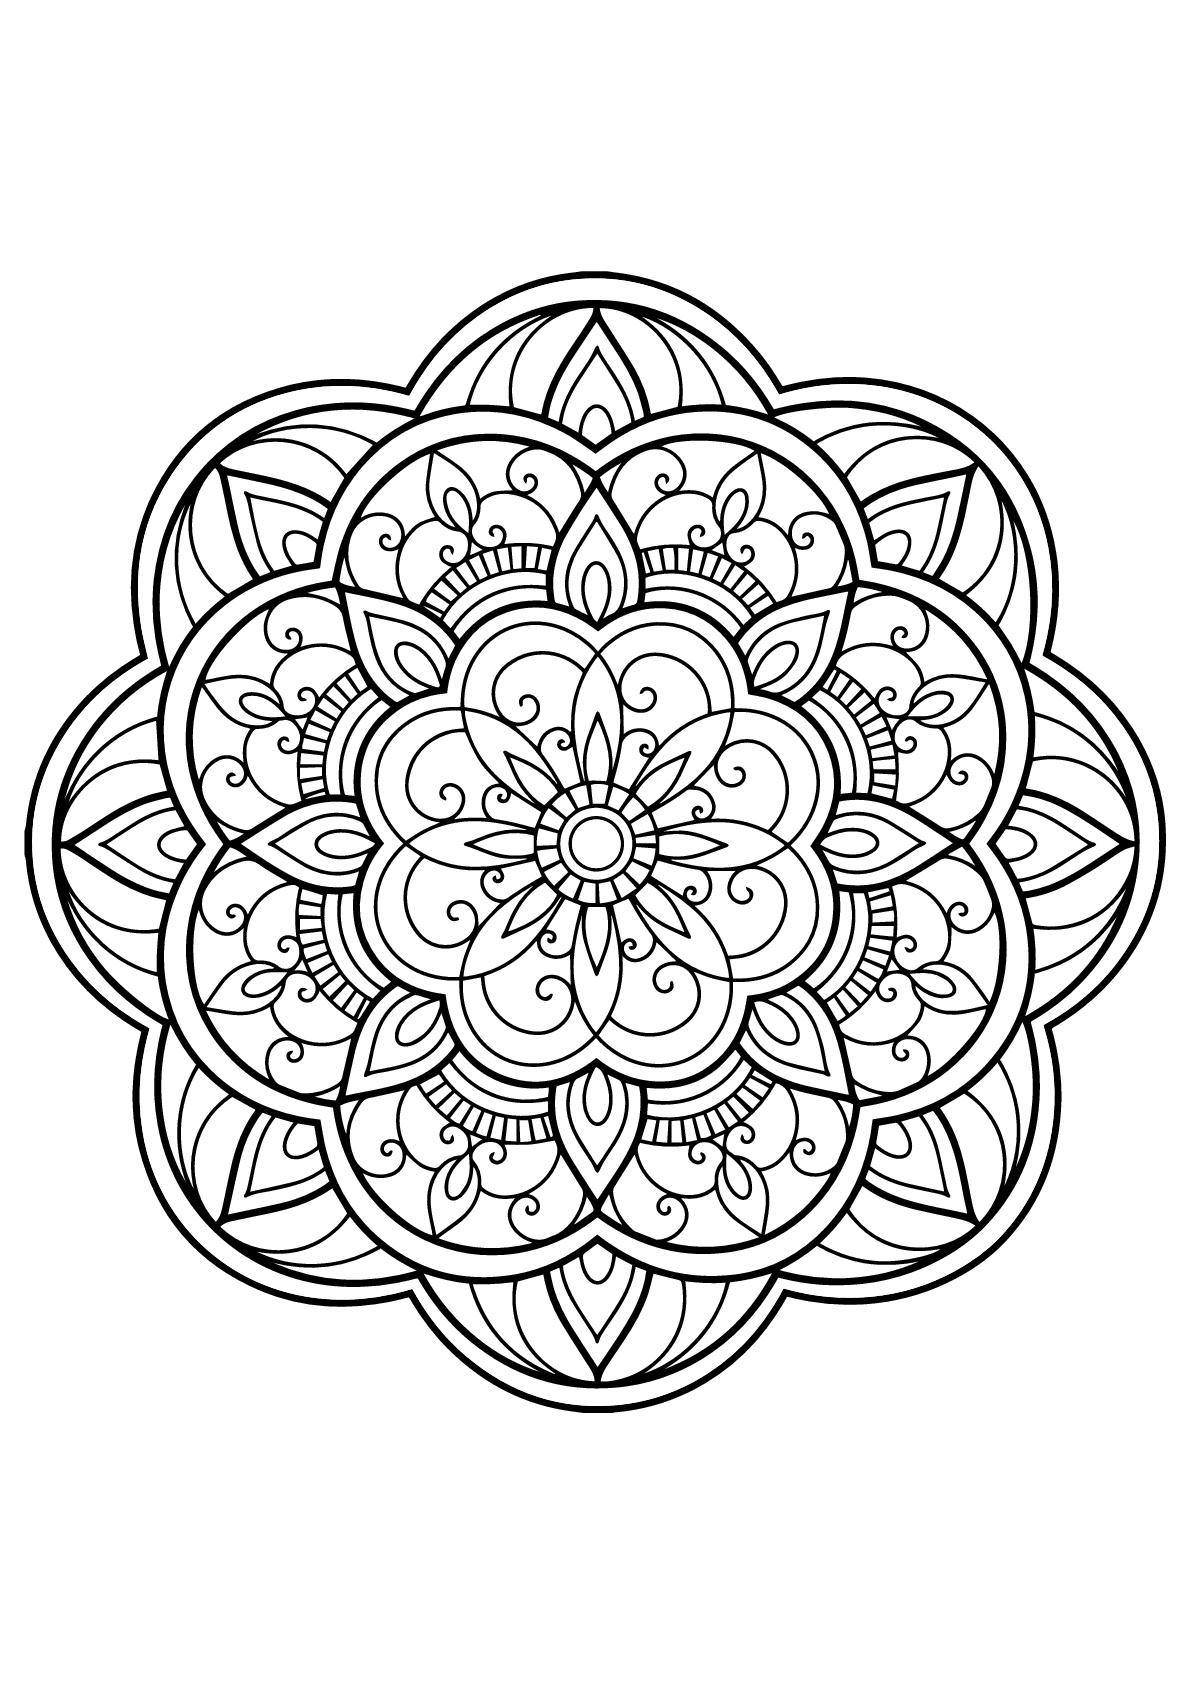 Mandala Livre Gratuit 14 - Mandalas - Coloriages destiné Jeux De Coloriage Gratuit Pour Adulte